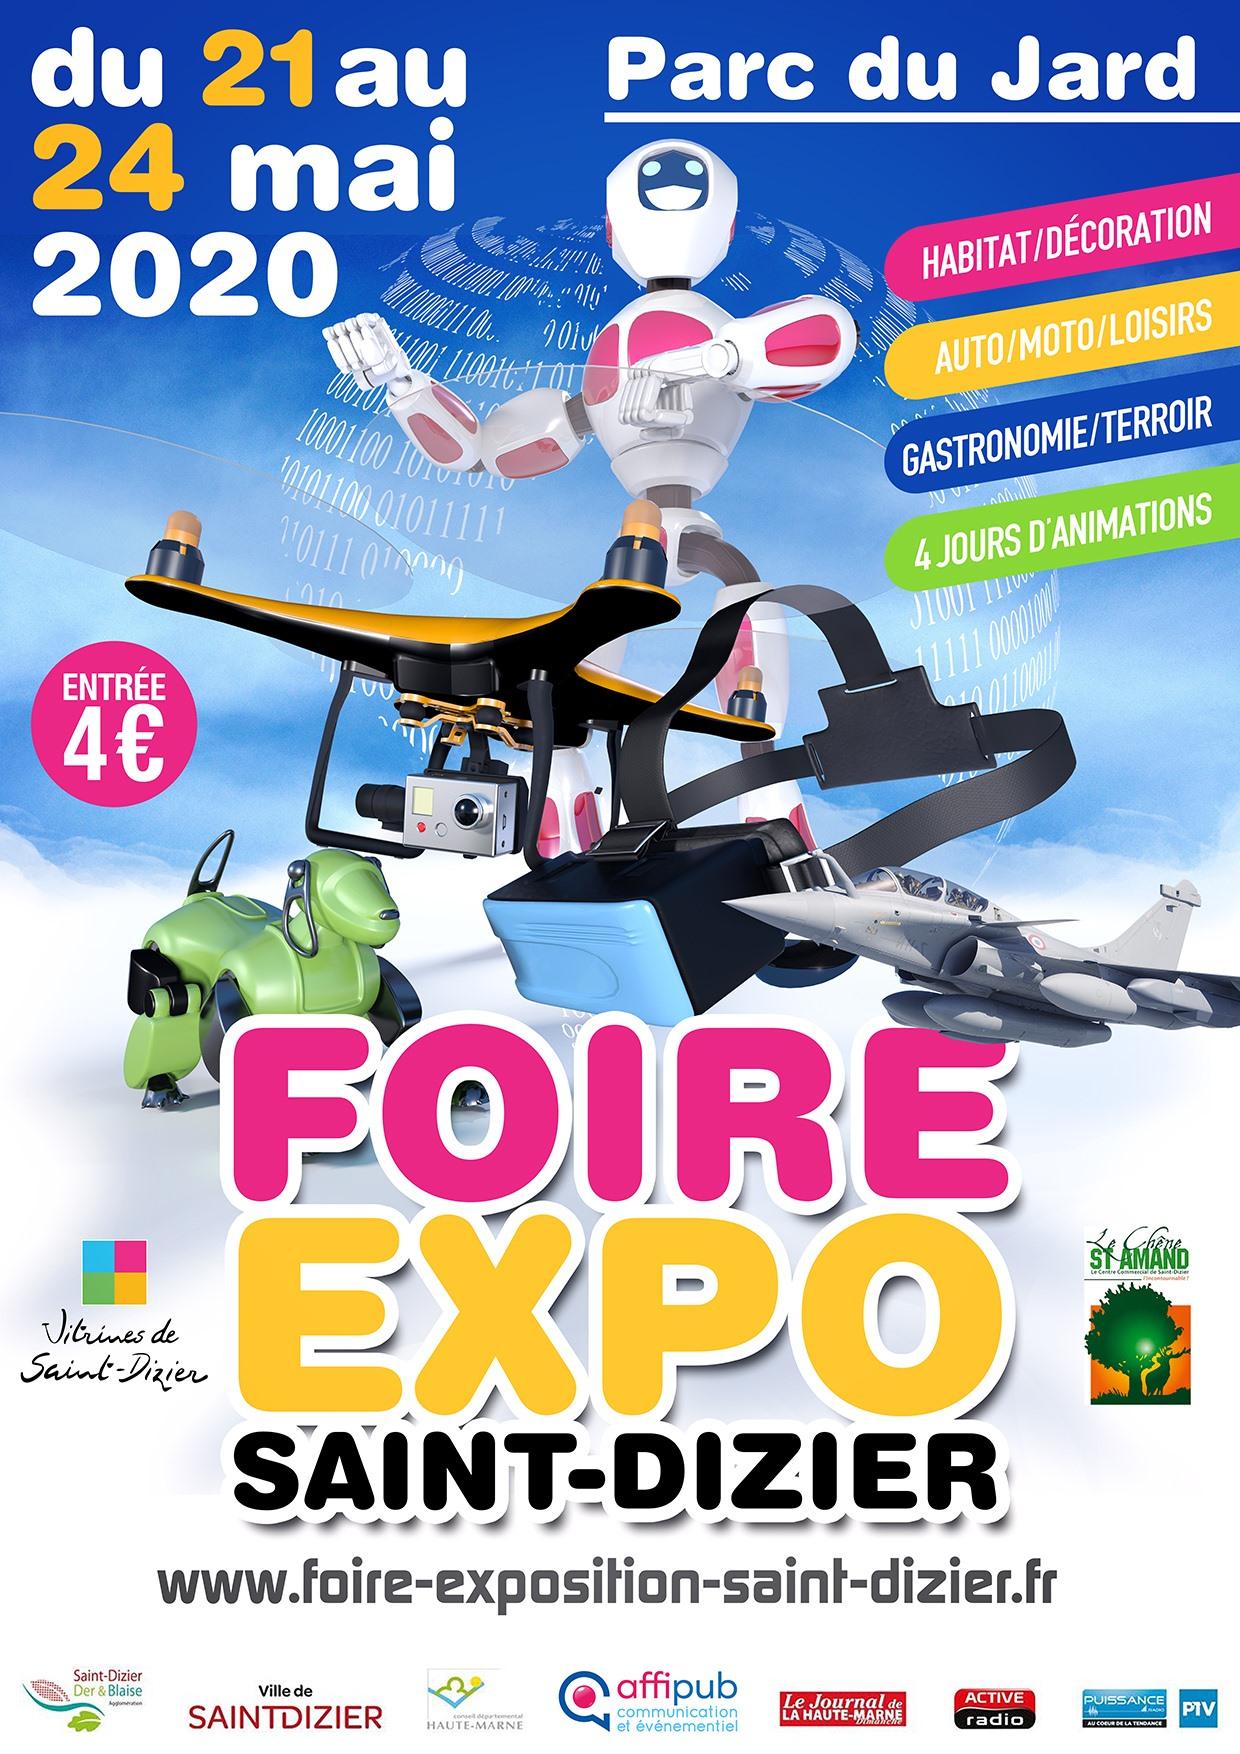 La Foire Exposition de Saint-Dizier